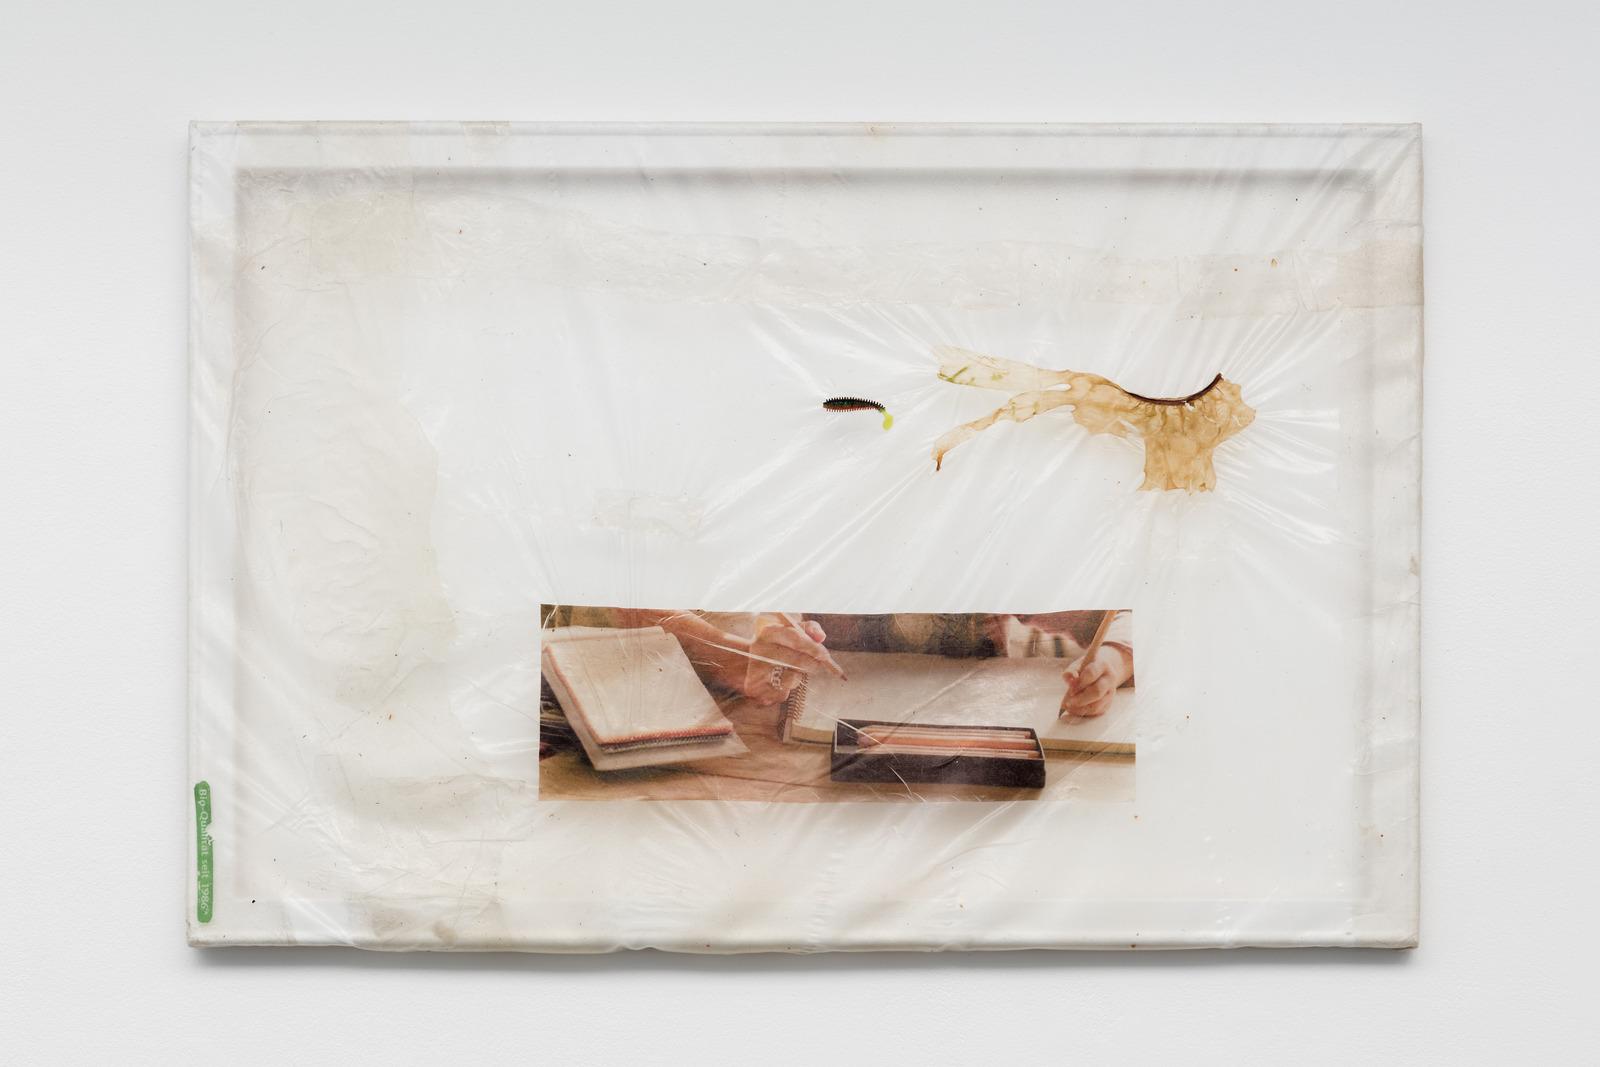 13.Aude Pariset. Leçon de Vie (Bio Qualität), 2016. Bioplastic, UV print on bioplastic, fish bait, seaweed, wood, paint. 60 x 90 cm